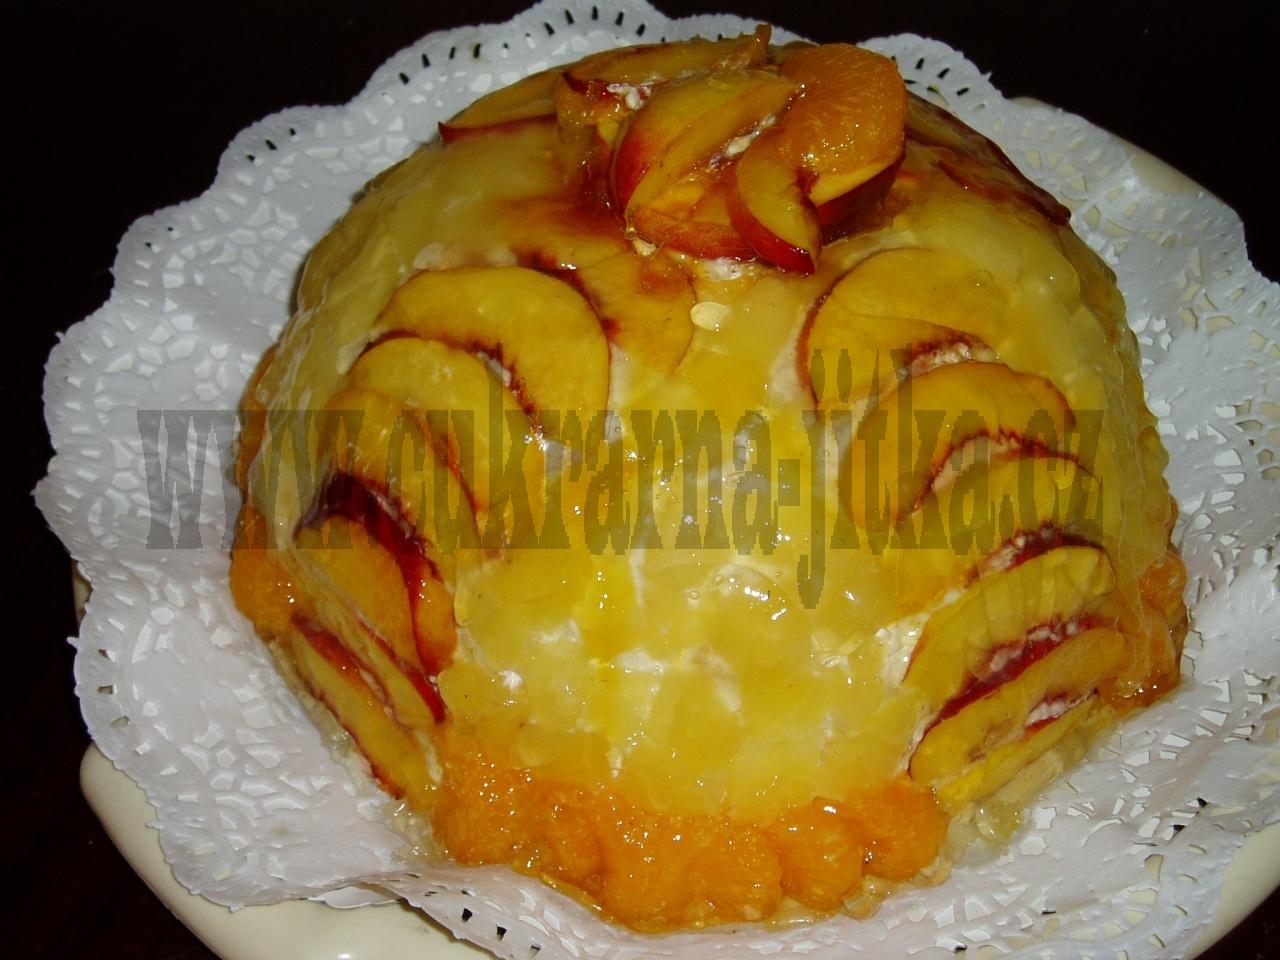 ovocná koule   ananas,mandarinka,broskev,     č.214